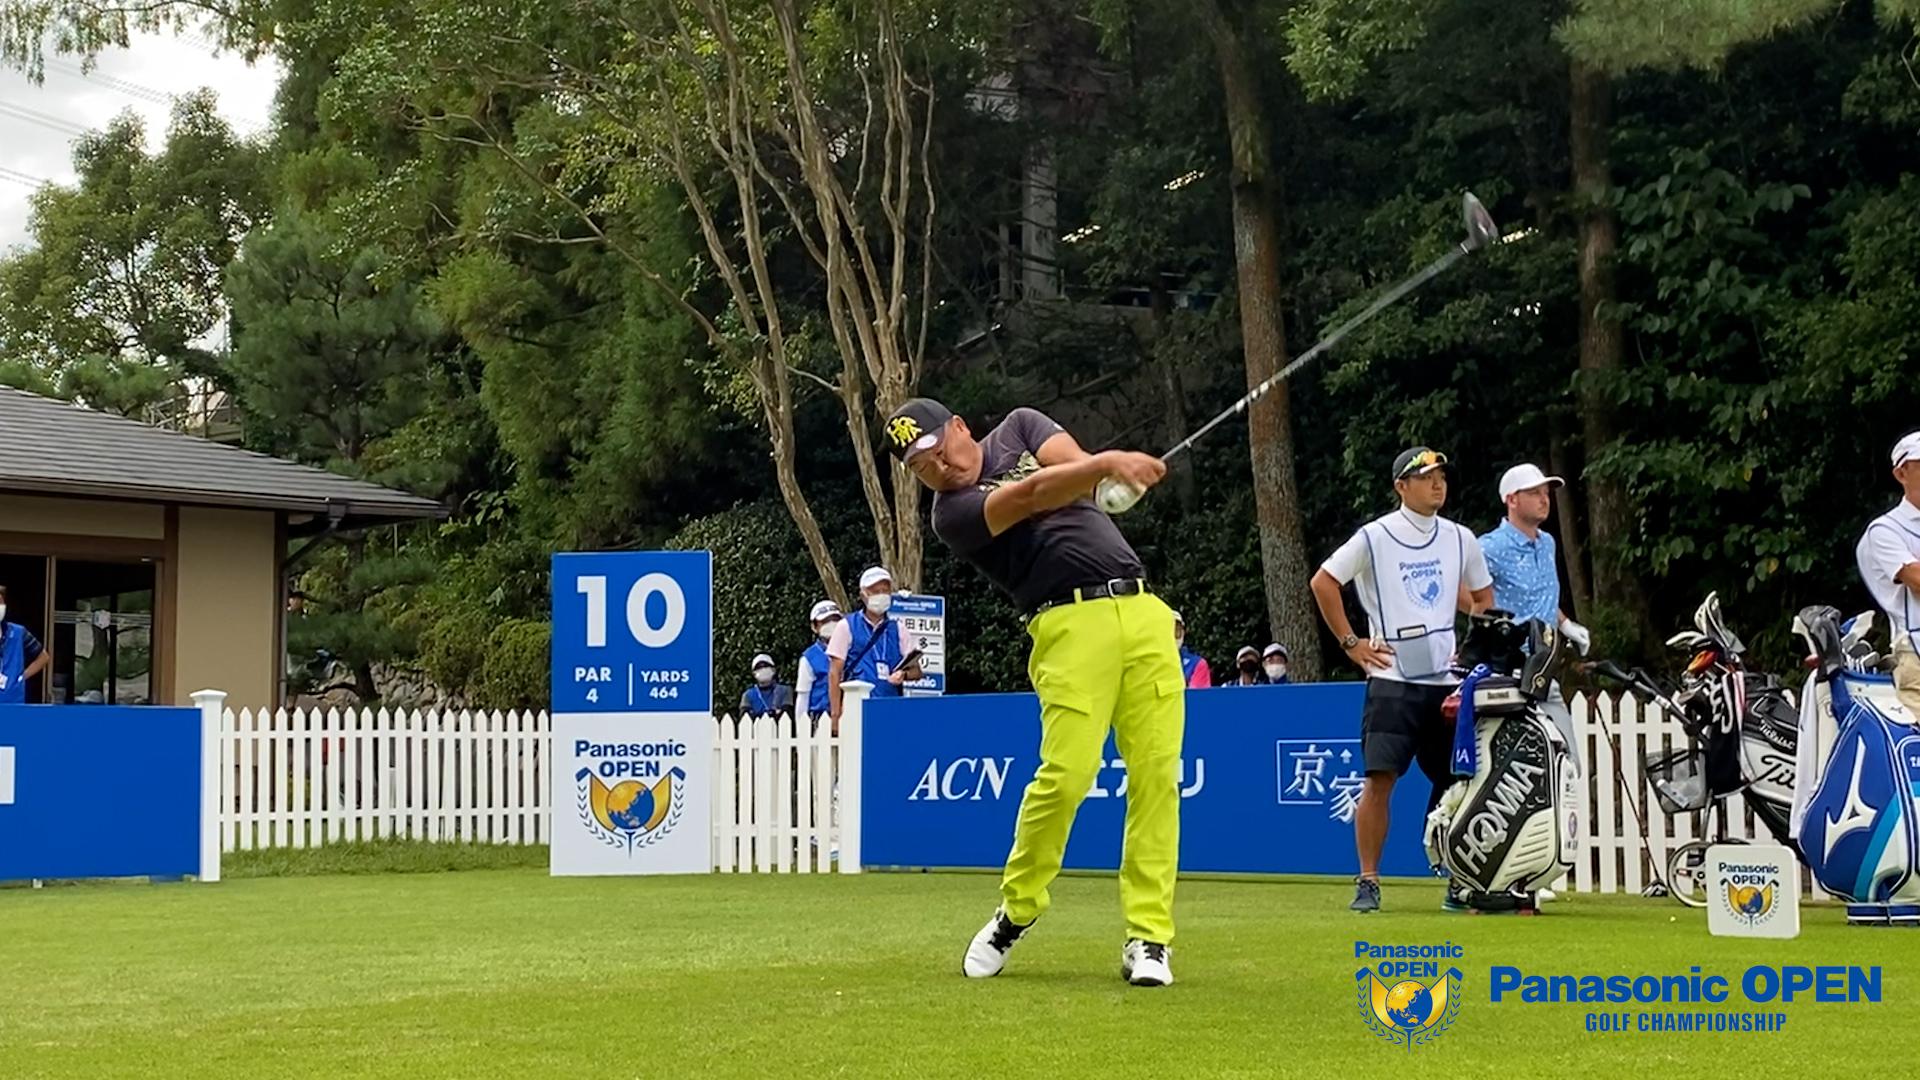 【男子ゴルフ】小田孔明、手嶋多一、D・ペリーのスタートホールティショット!パナソニックオープン ゴルフチャンピオンシップ 2nd Round